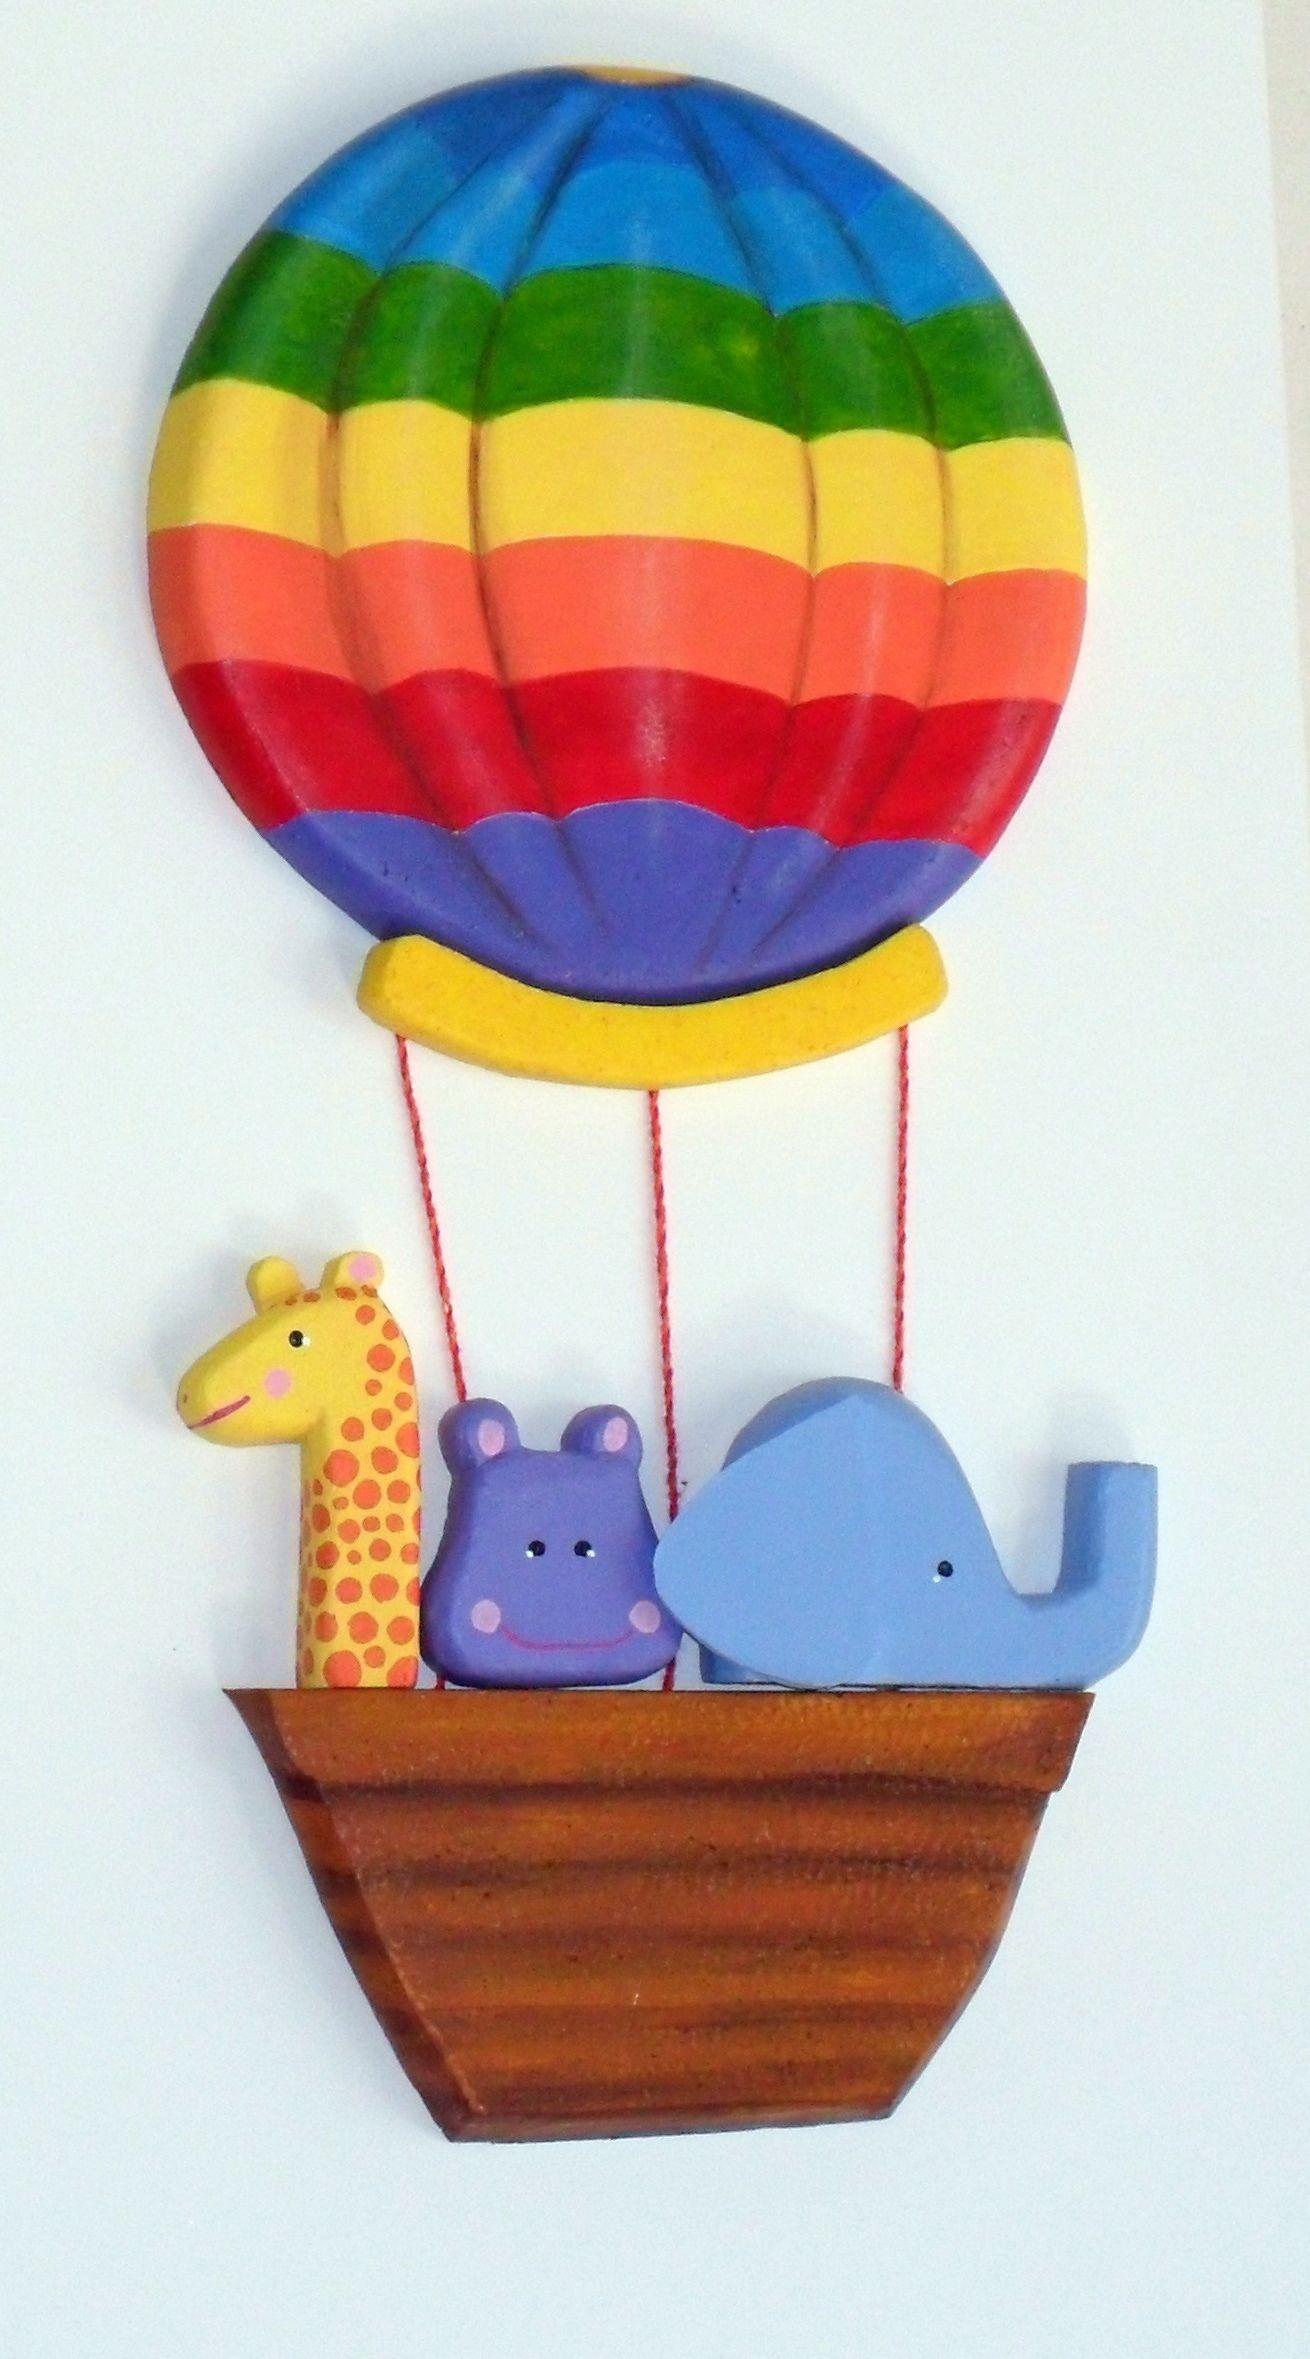 Dibujos de globos aerostaticos infantiles buscar con - Globos aerostaticos infantiles ...